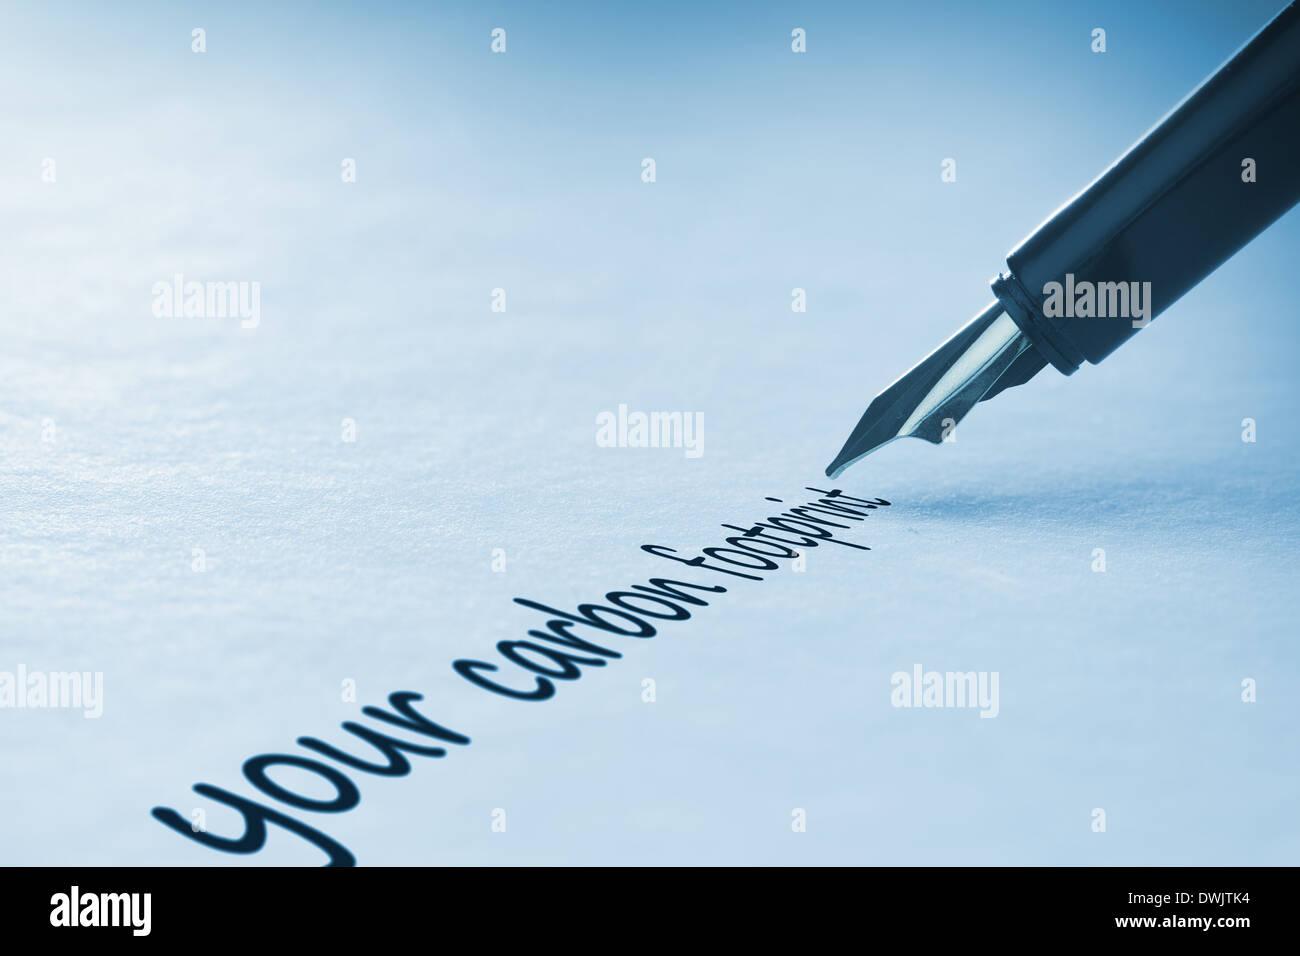 Penna stilografica a scrivere la vostra impronta di carbonio Immagini Stock